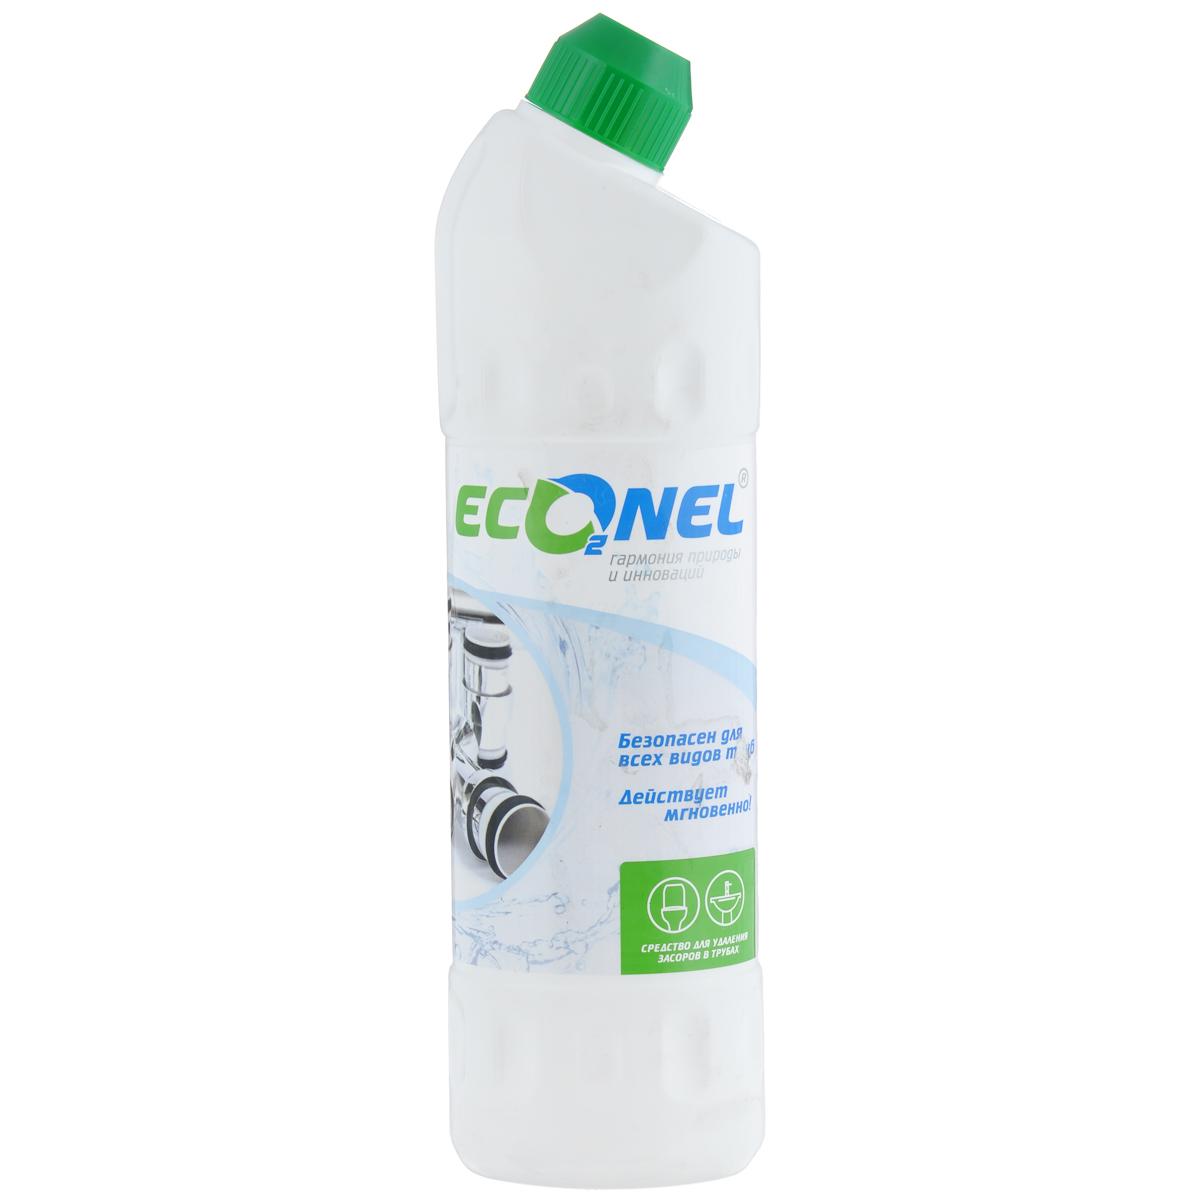 Средство для удаления засоров Econel, 800 г68/5/1Средство Econel предназначено для бытовых нужд, очистки водостоков ванн, умывальников и канализационных труб от засорения органическими посторонними материалами и отходами жирового характера.Состав: 5-15% гидроксид натрия, более 30% вода очищенная.